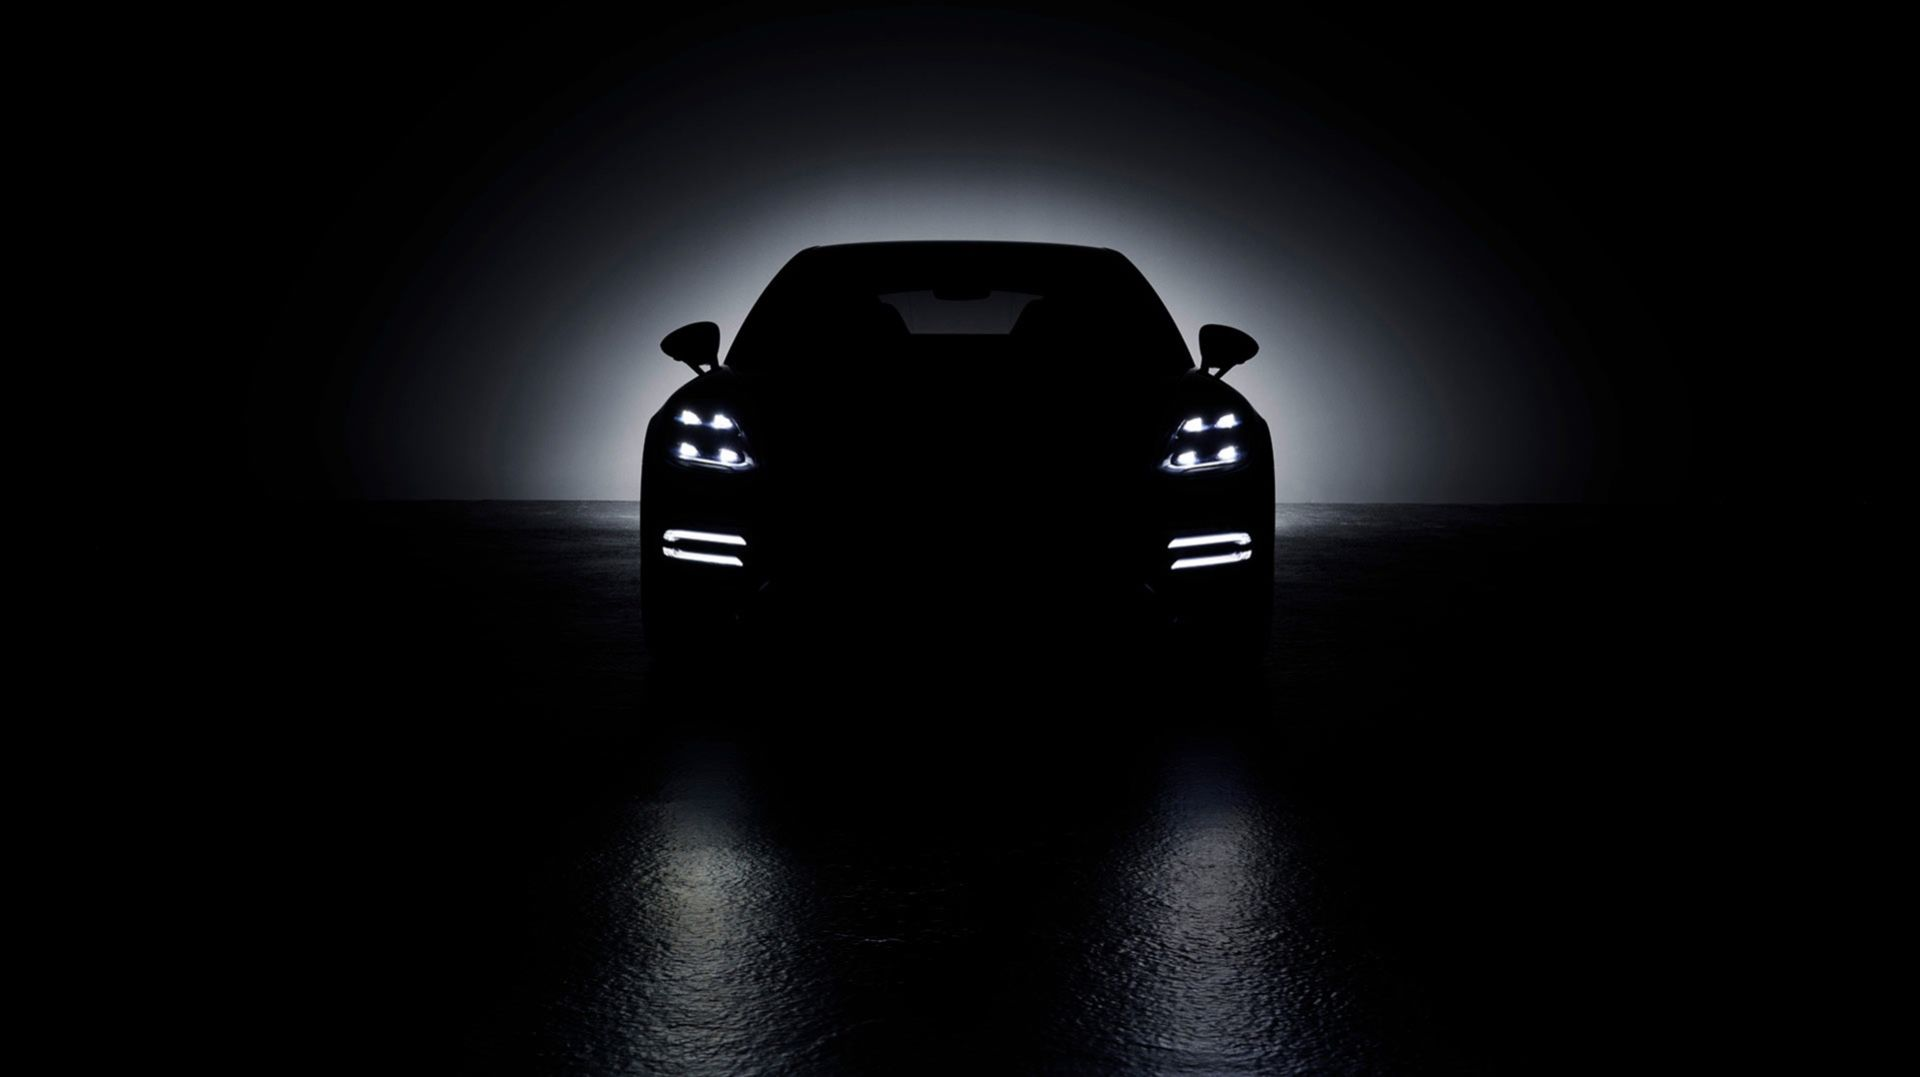 Uppdaterade Porsche Panamera har premiär 26 augusti